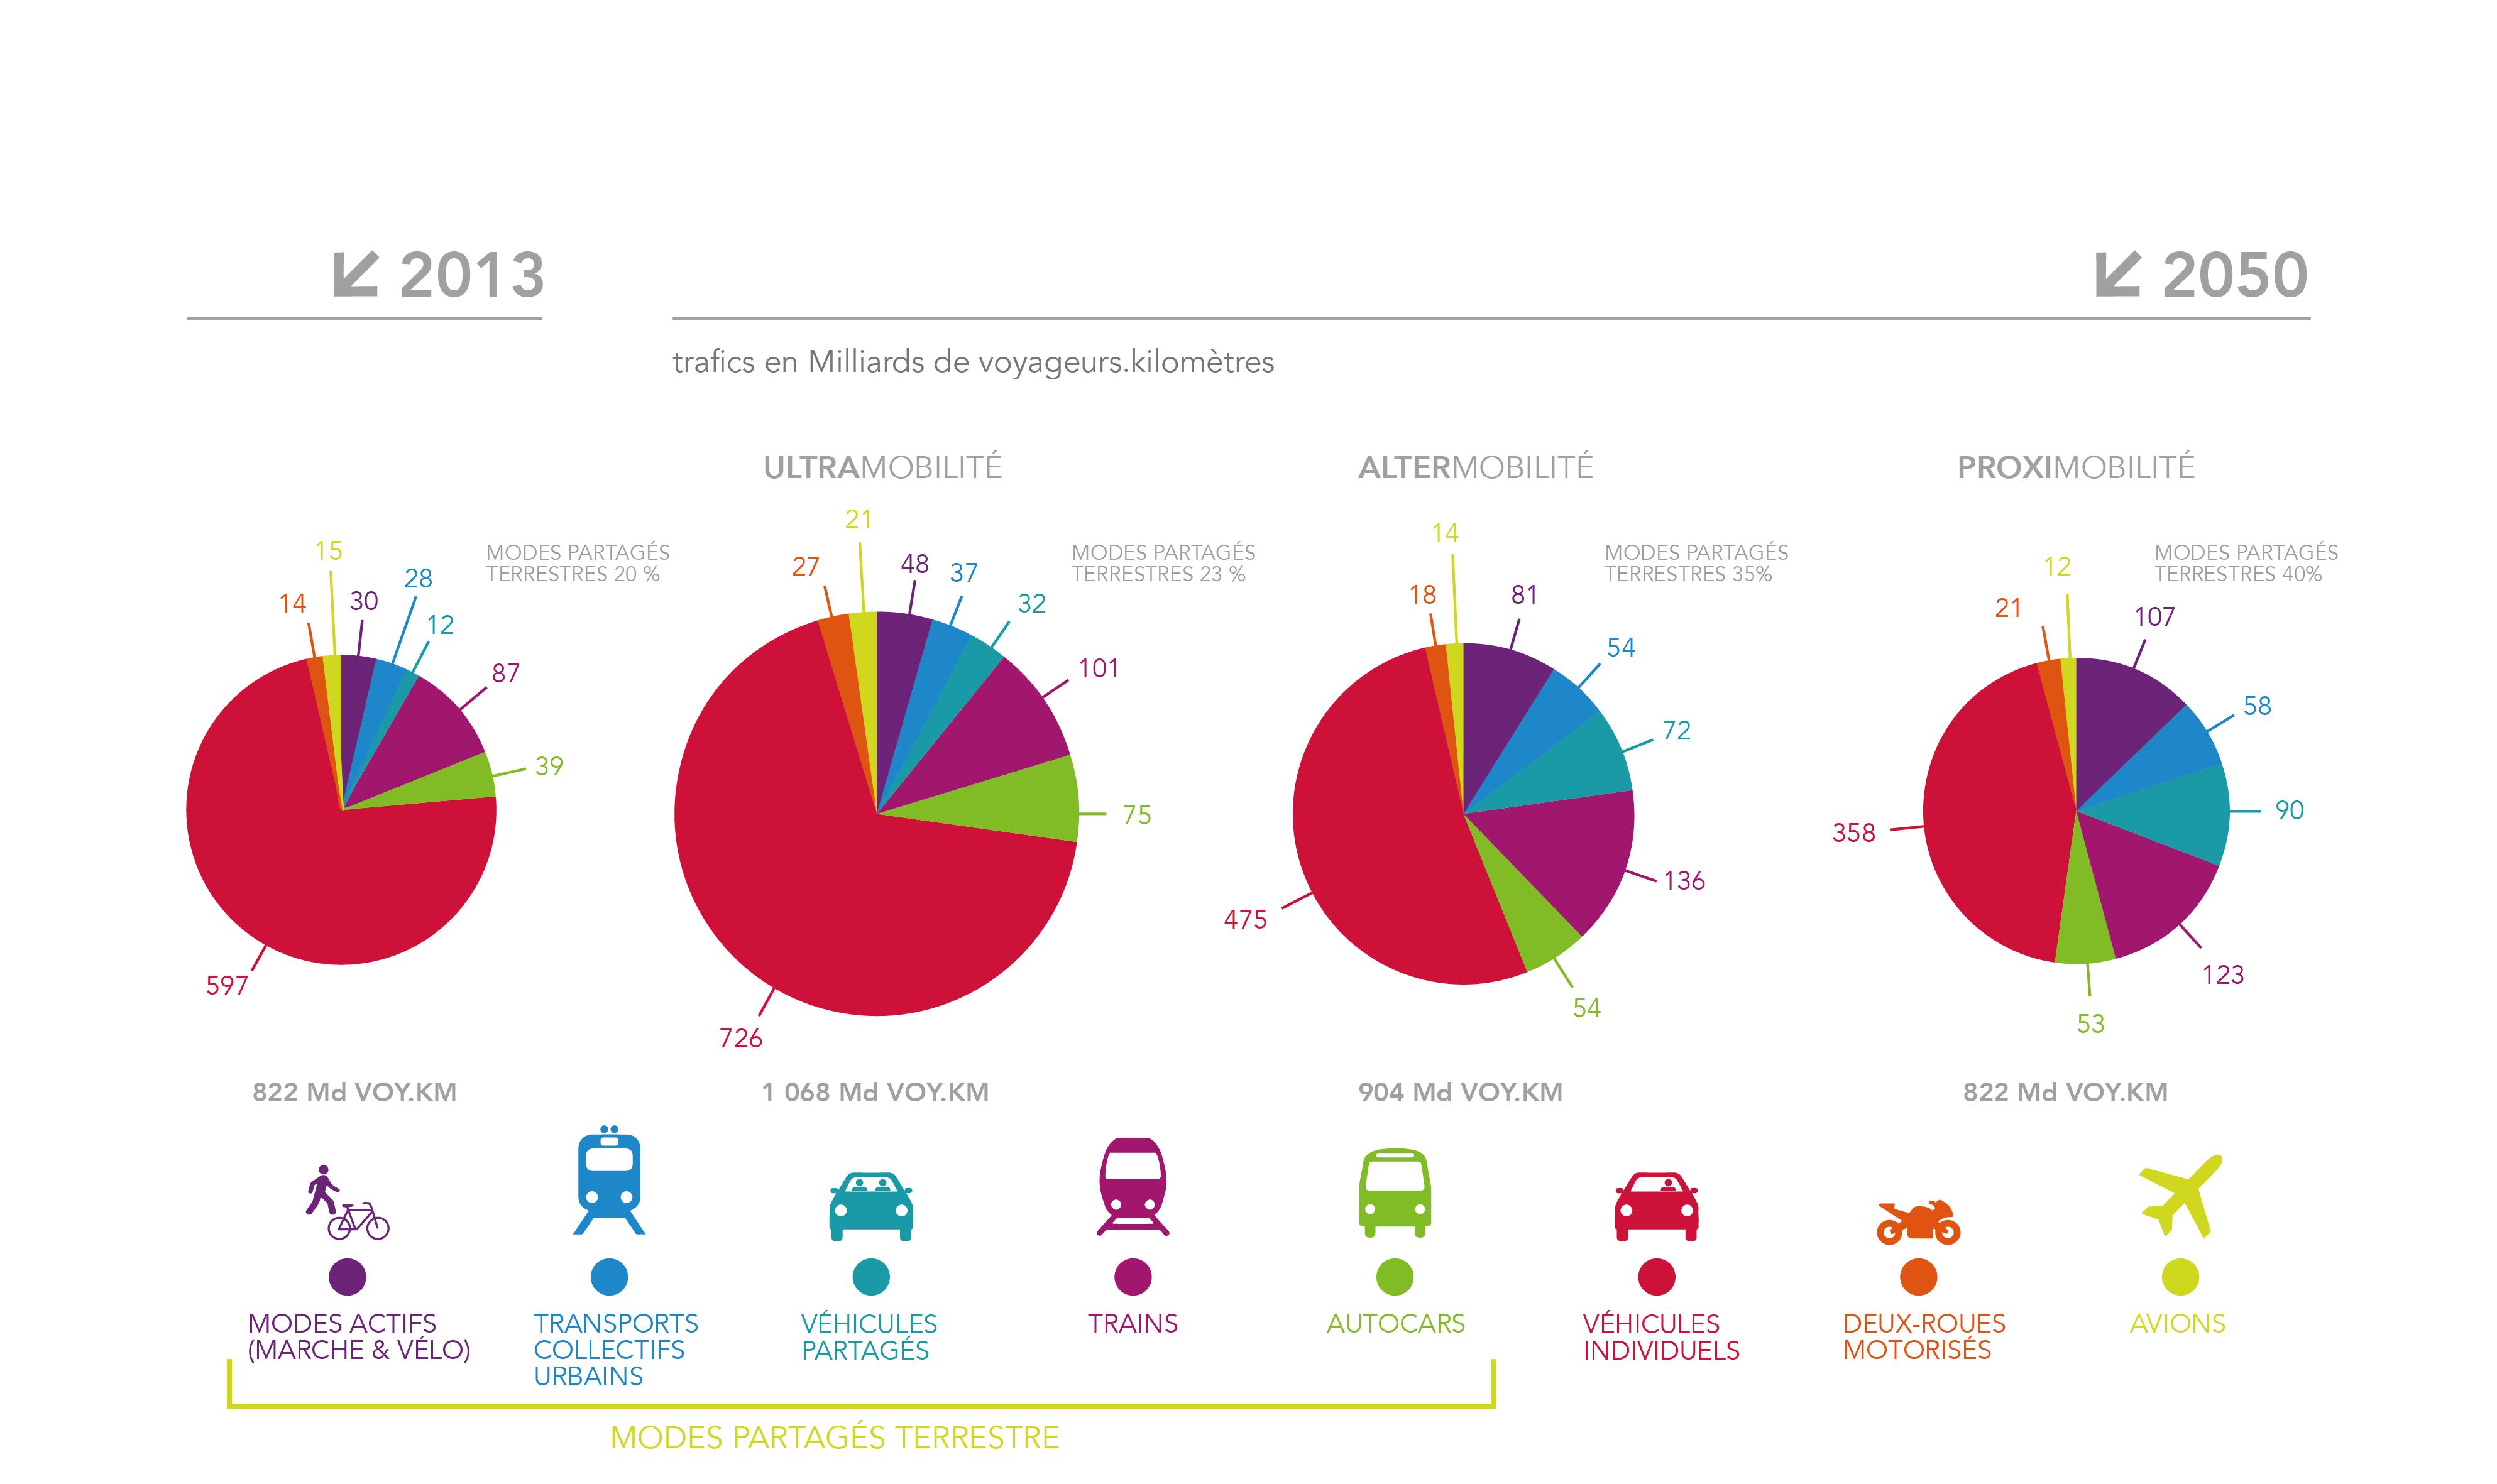 infographie réalisé par Kamisphere